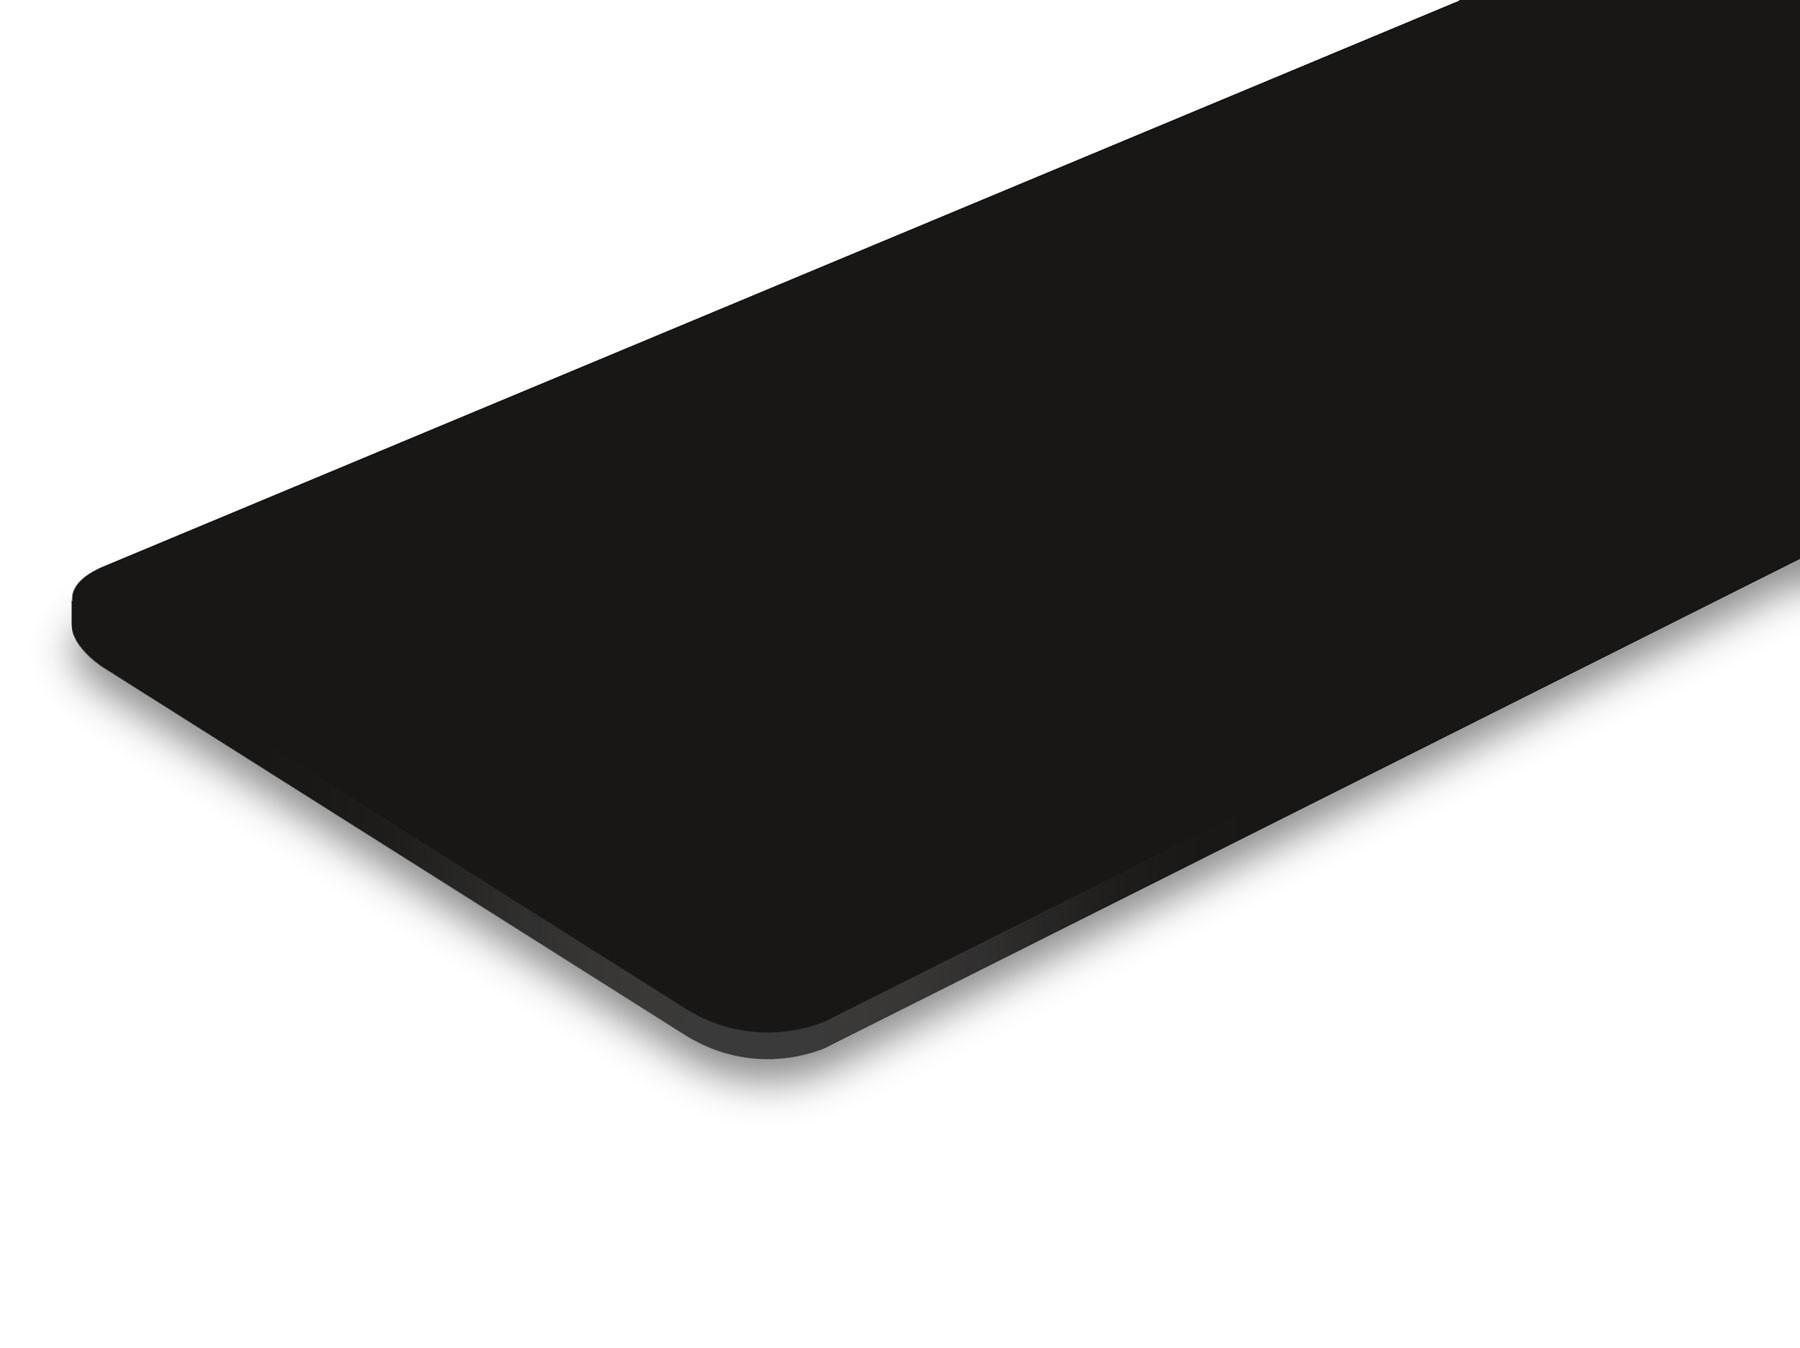 TroLase Thins, Black, 1ply, 0.5 mm